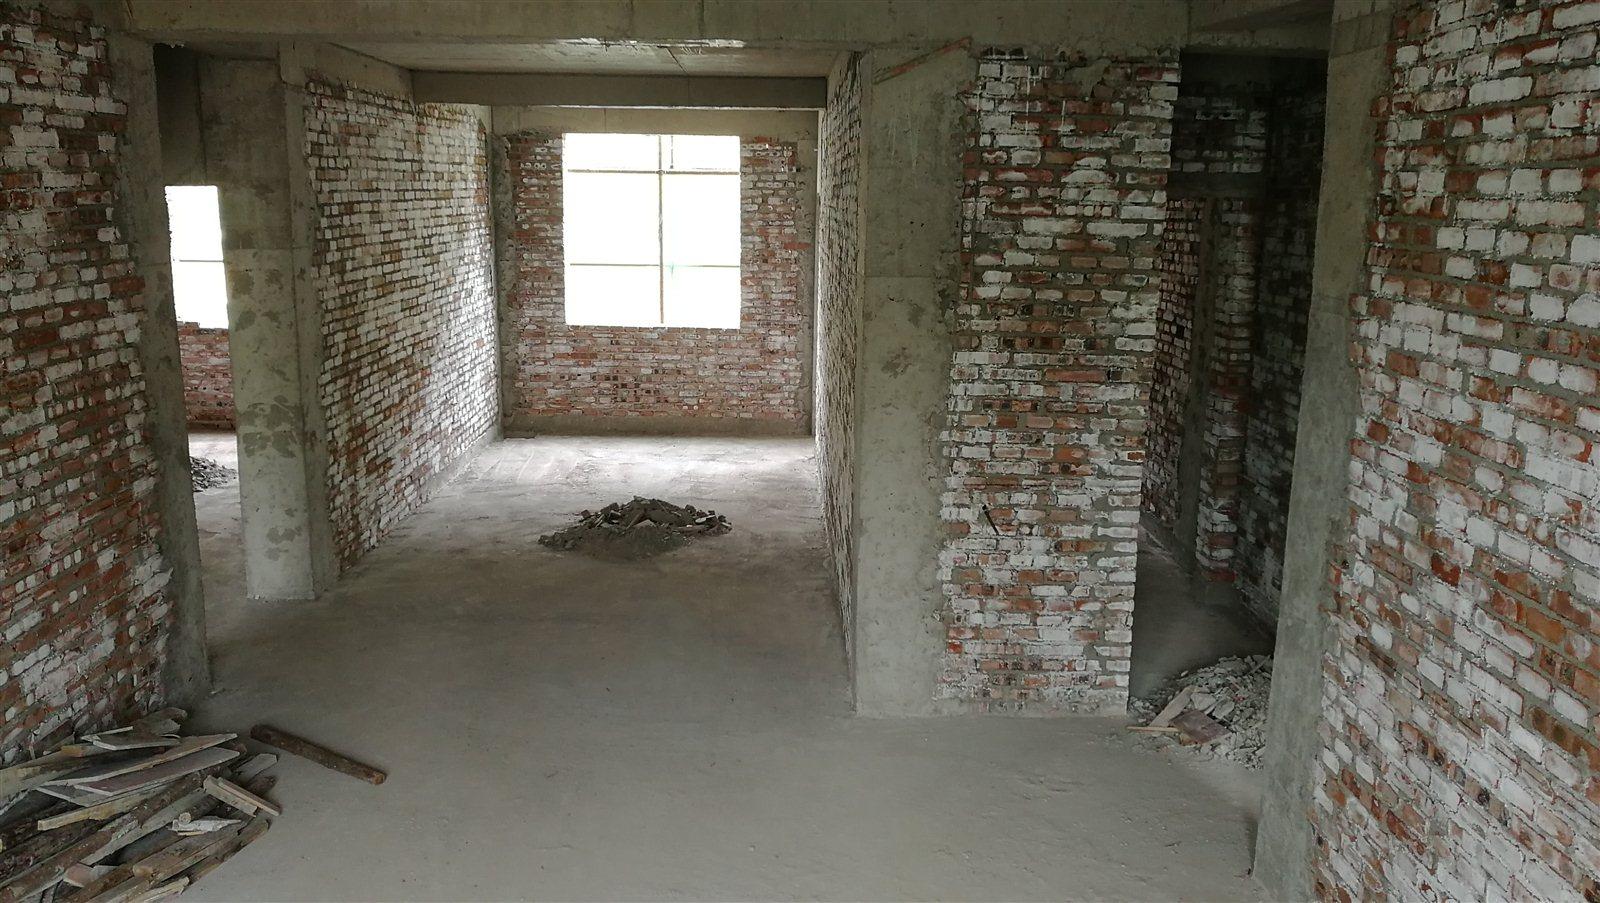 京九路现房3室 2厅 2卫电梯洋房可按揭超低价出售